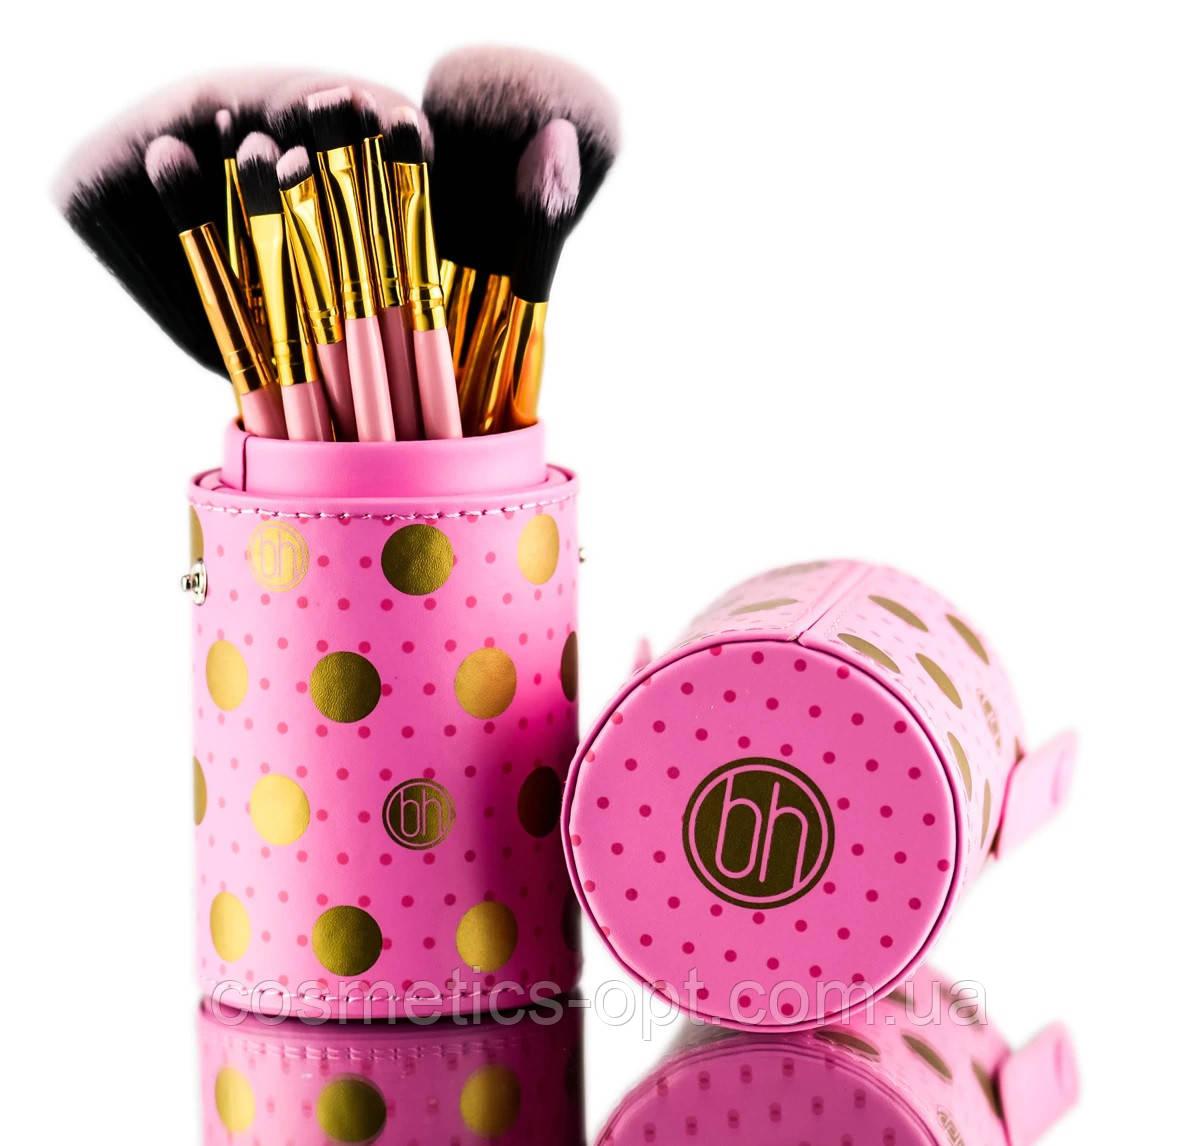 Кисті для макіяжу в тубусі BH Cosmetics Dot Collection , 11 шт